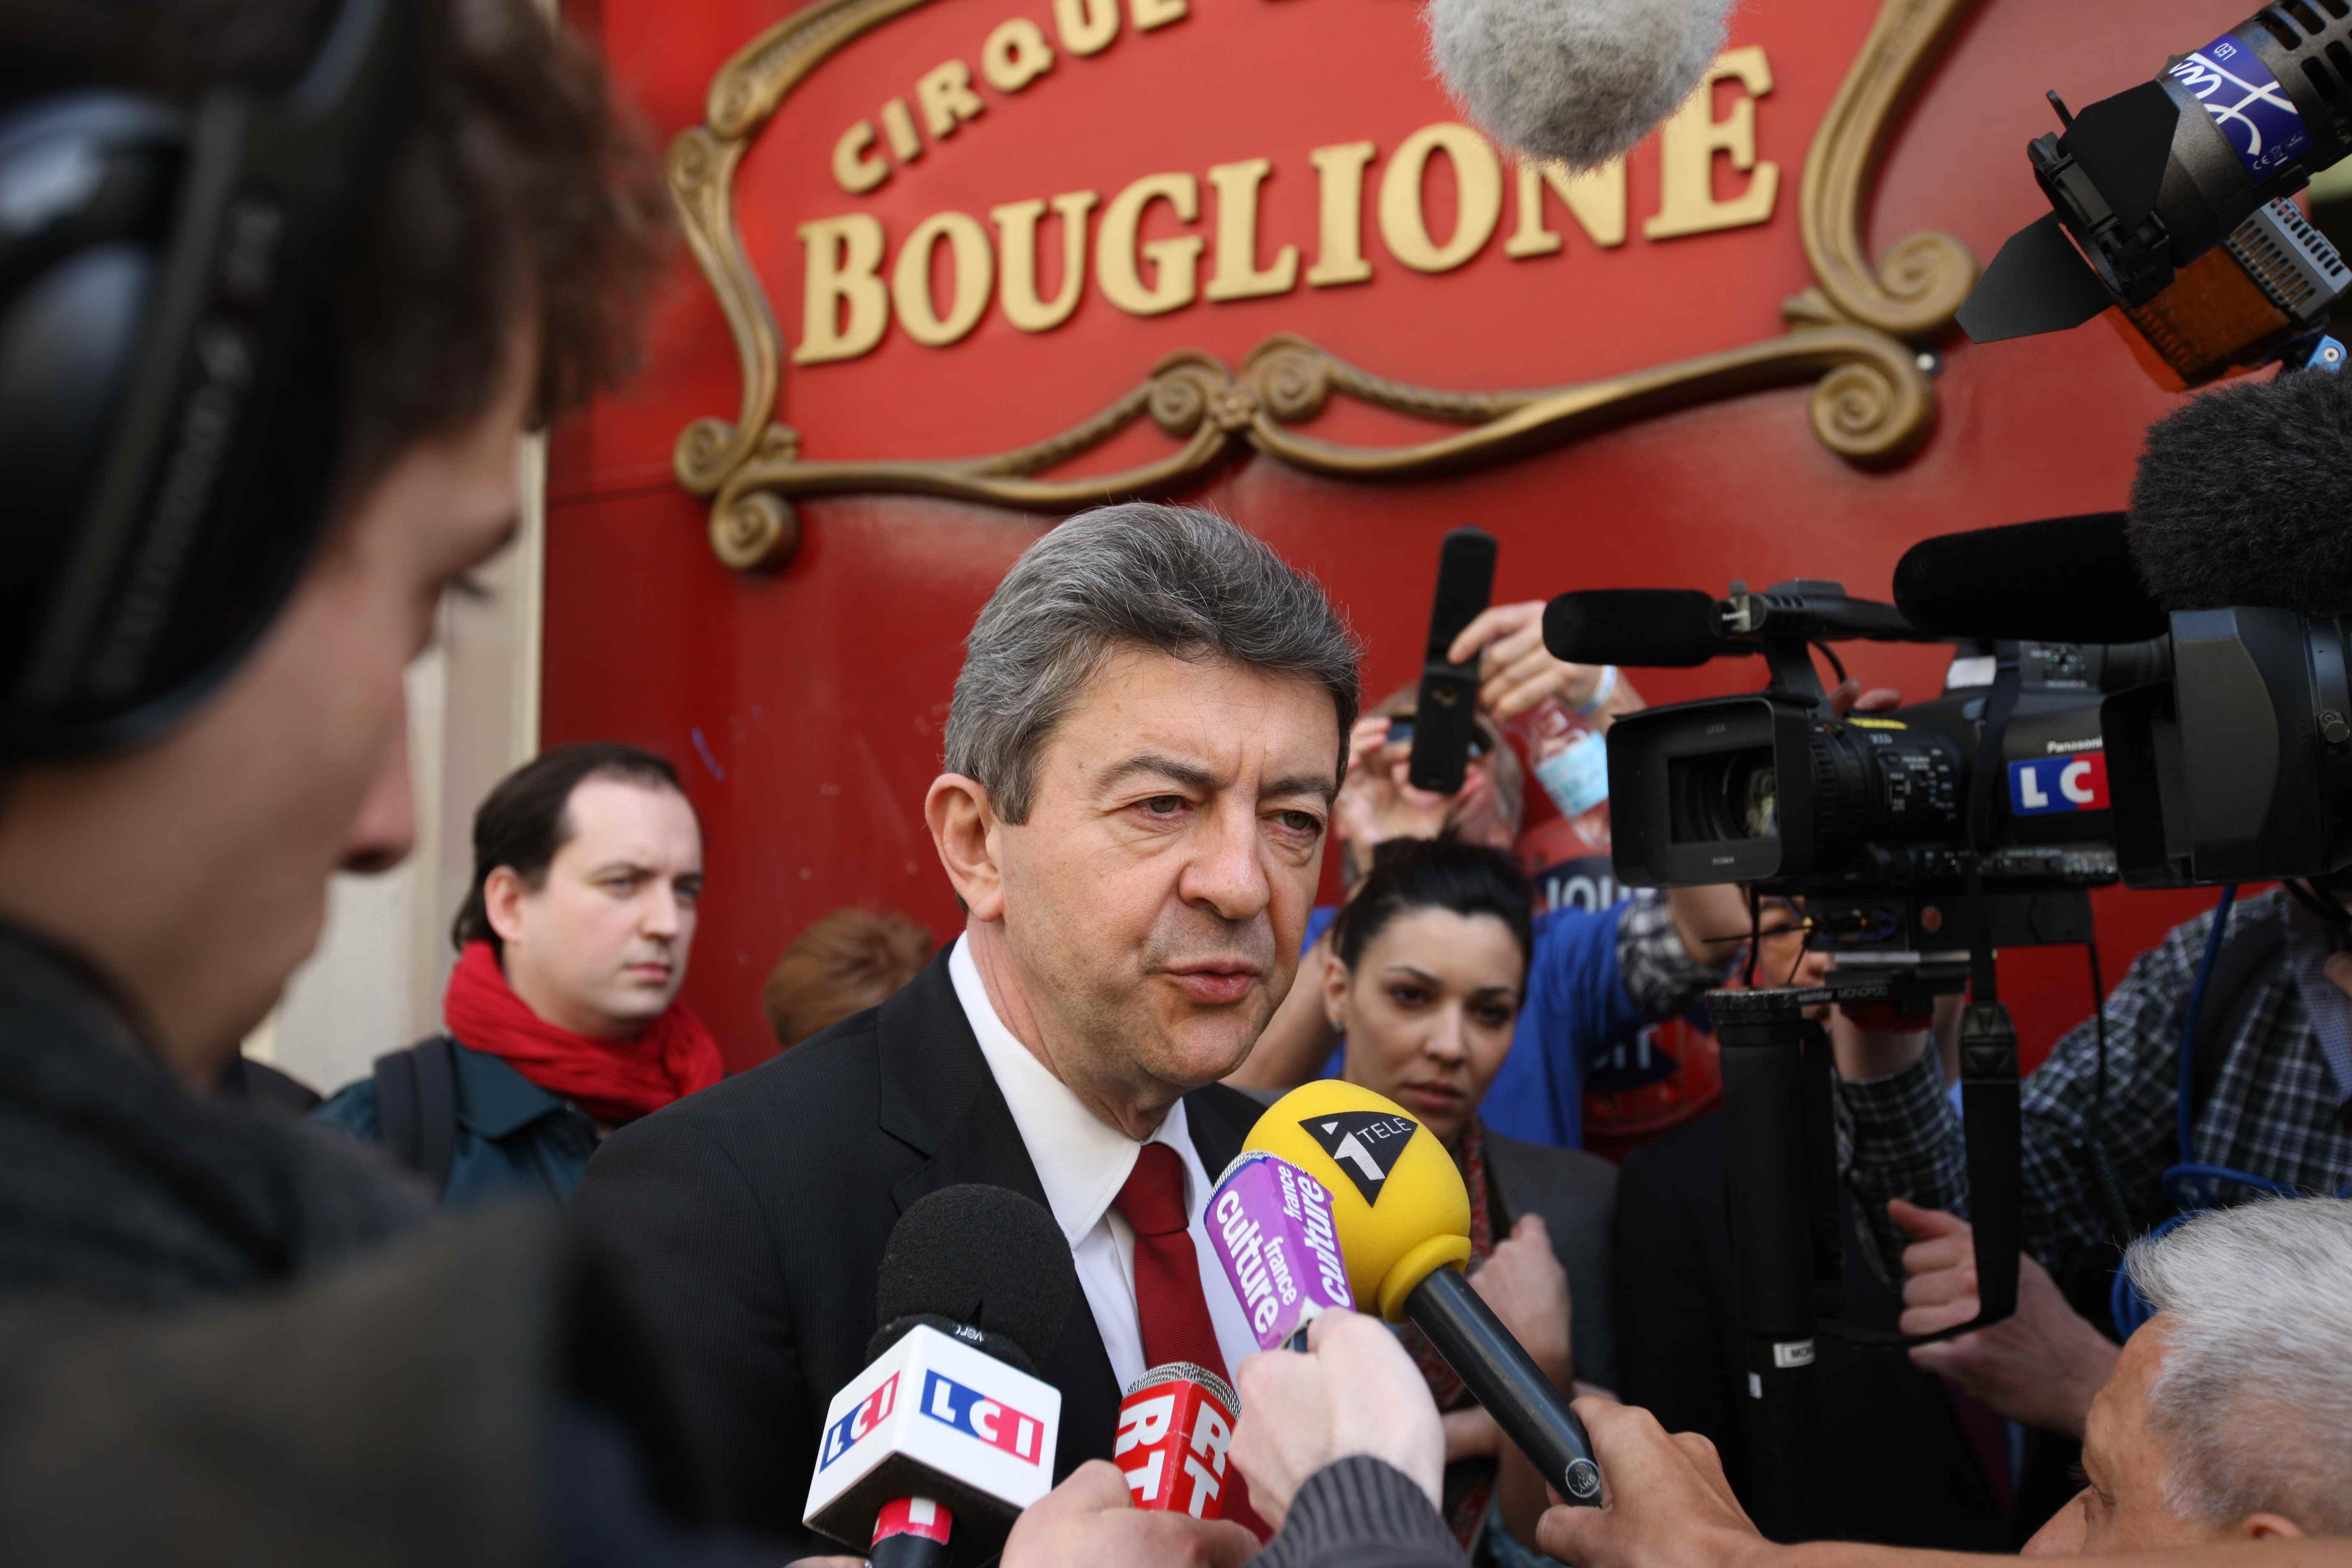 Le Cirque d'hiver à Paris fait le plein pour le droit de mourir dans la dignité